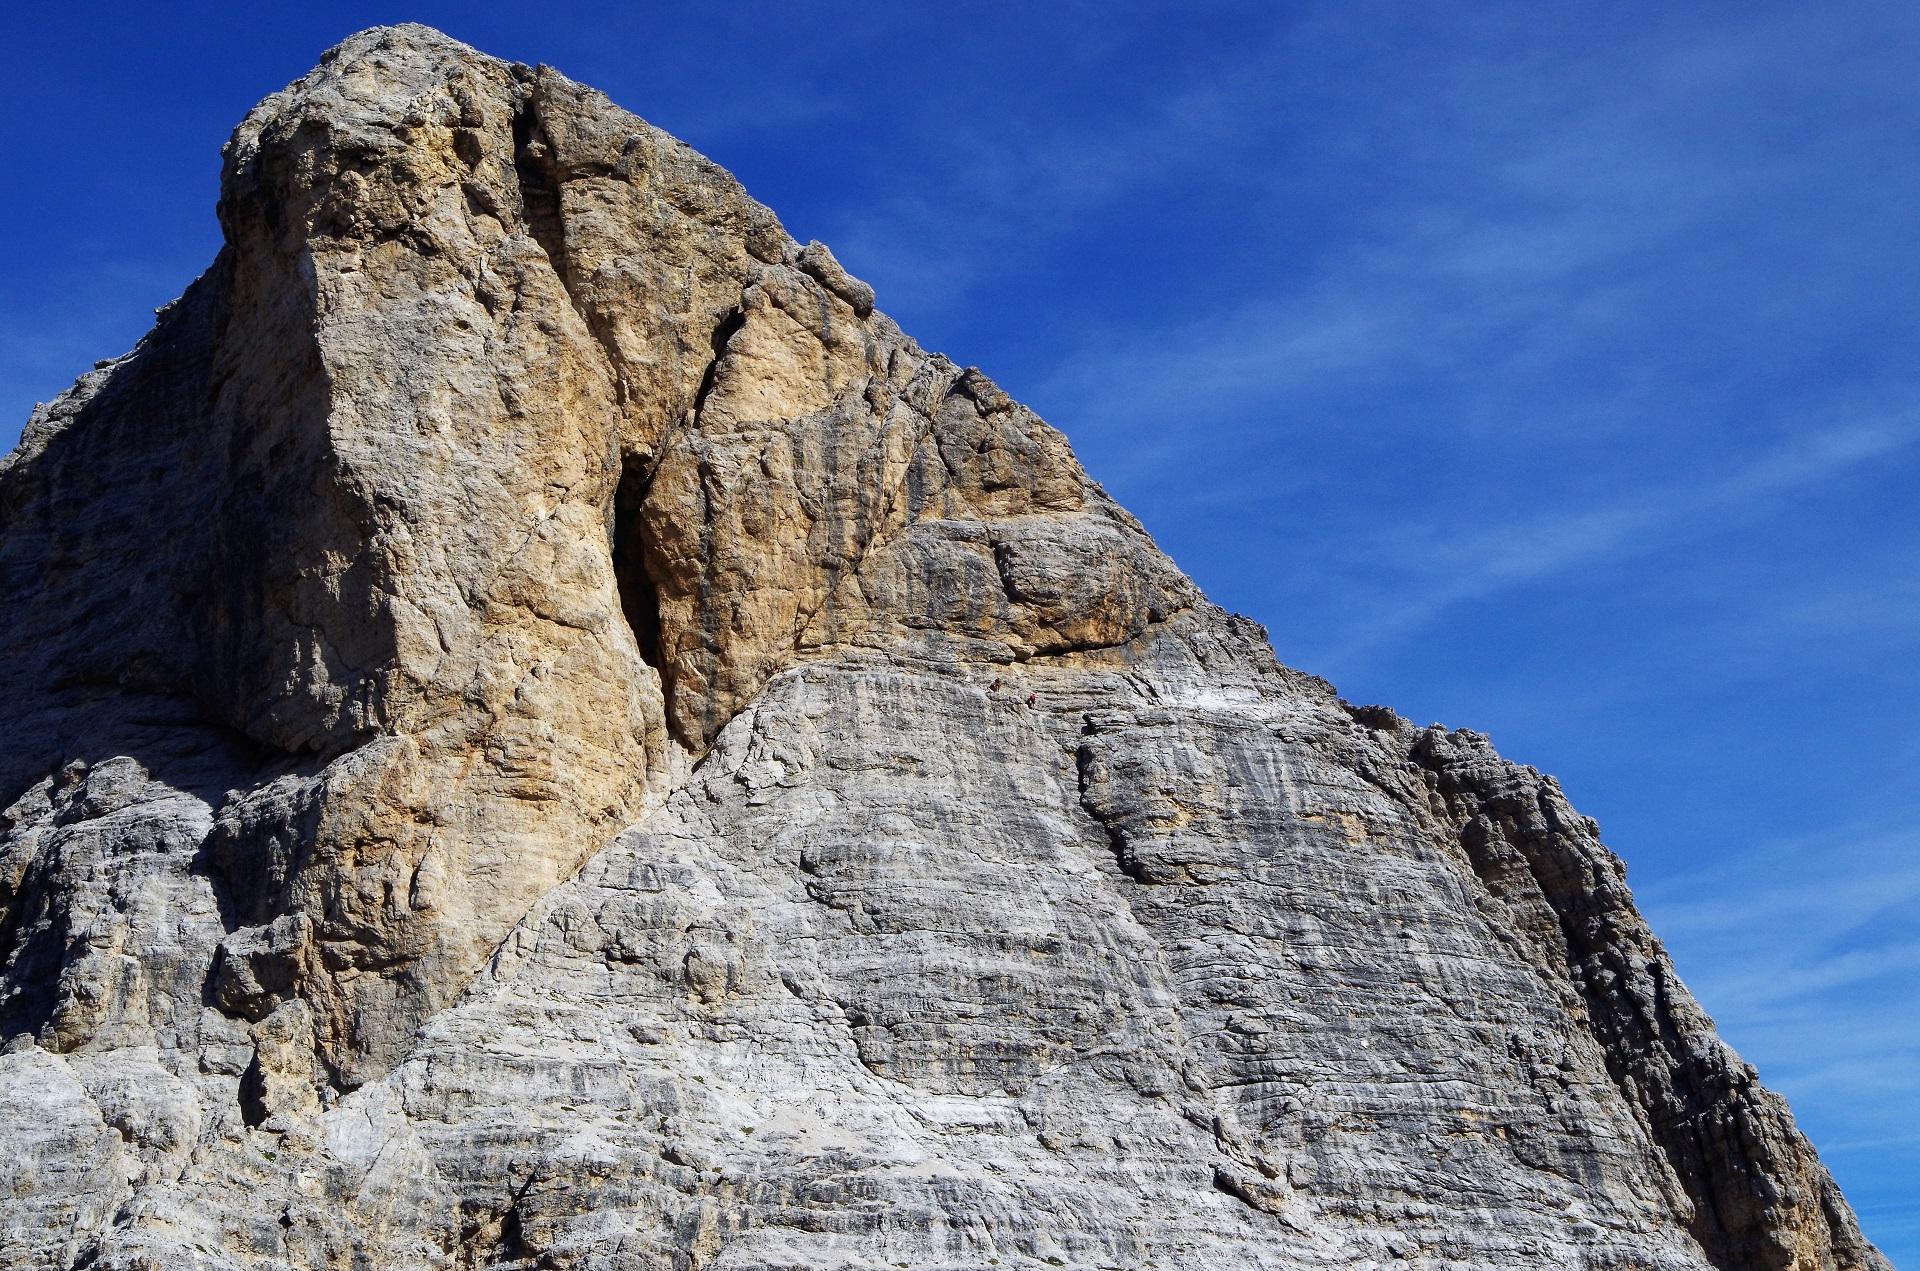 Z tej perspektywy wydaje się, że będzie ciężko iść ścianą Torre Pomedes III